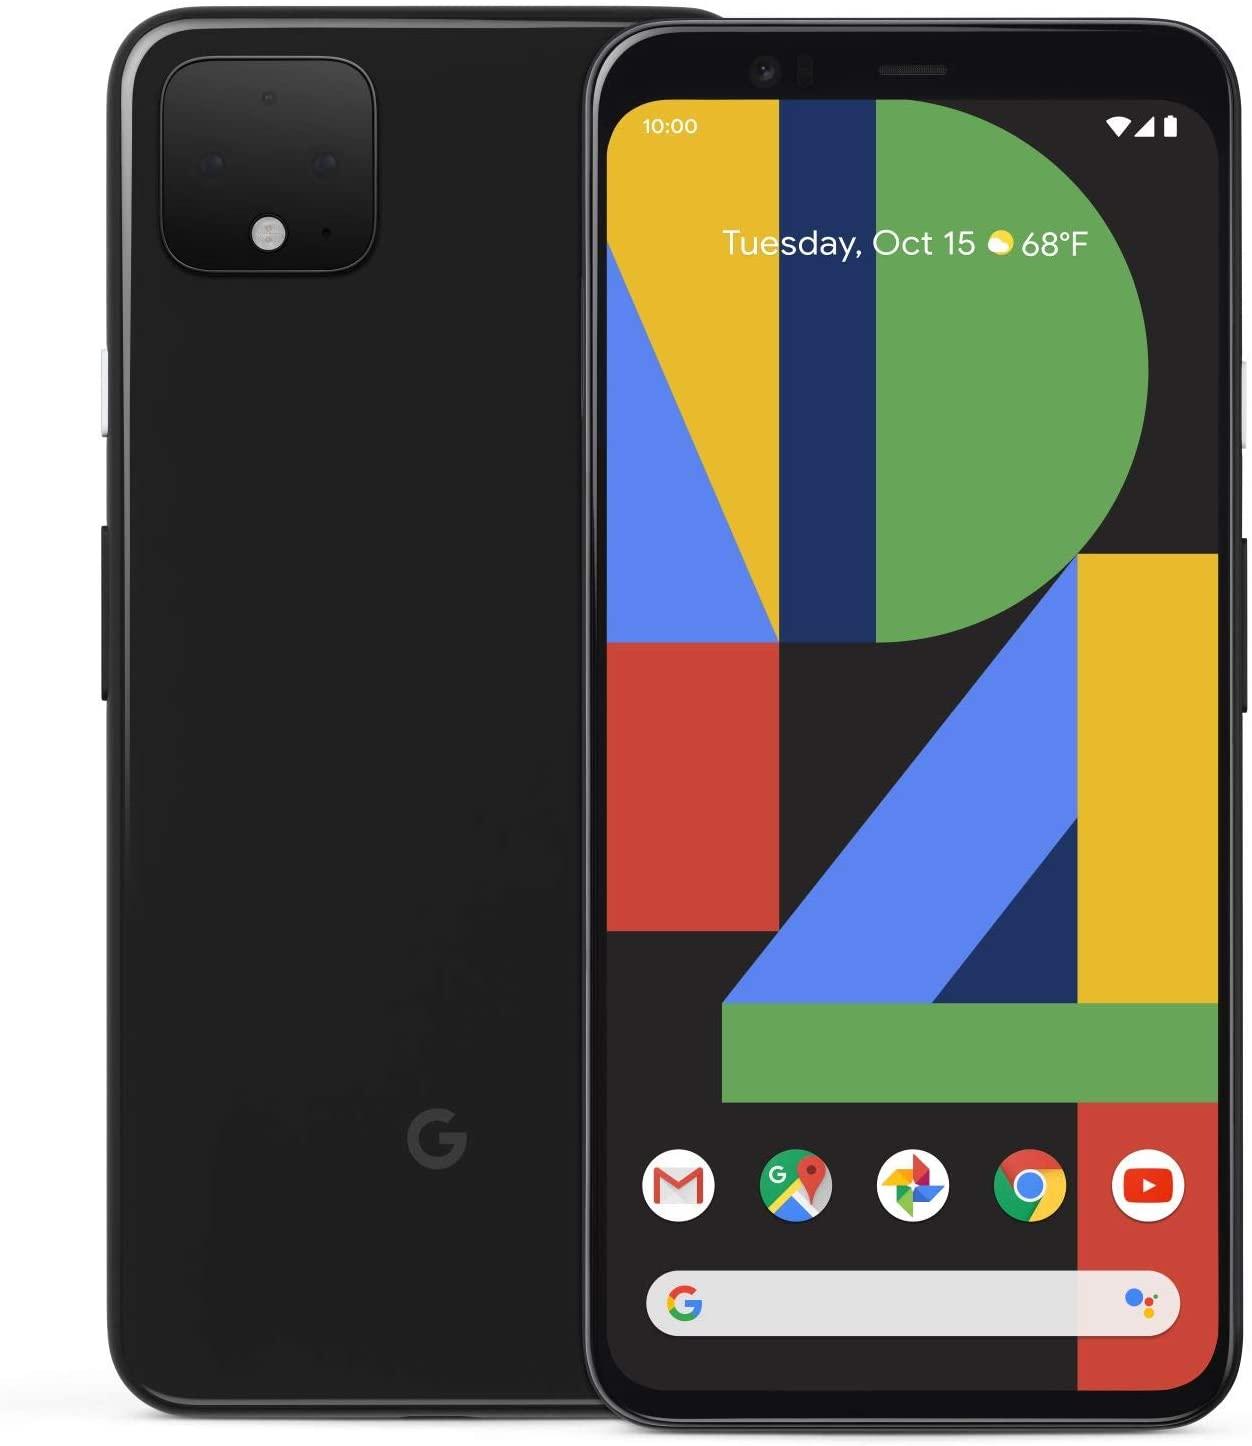 أفضل كاميرا للهواتف الذكية - Google Pixel 4 XL